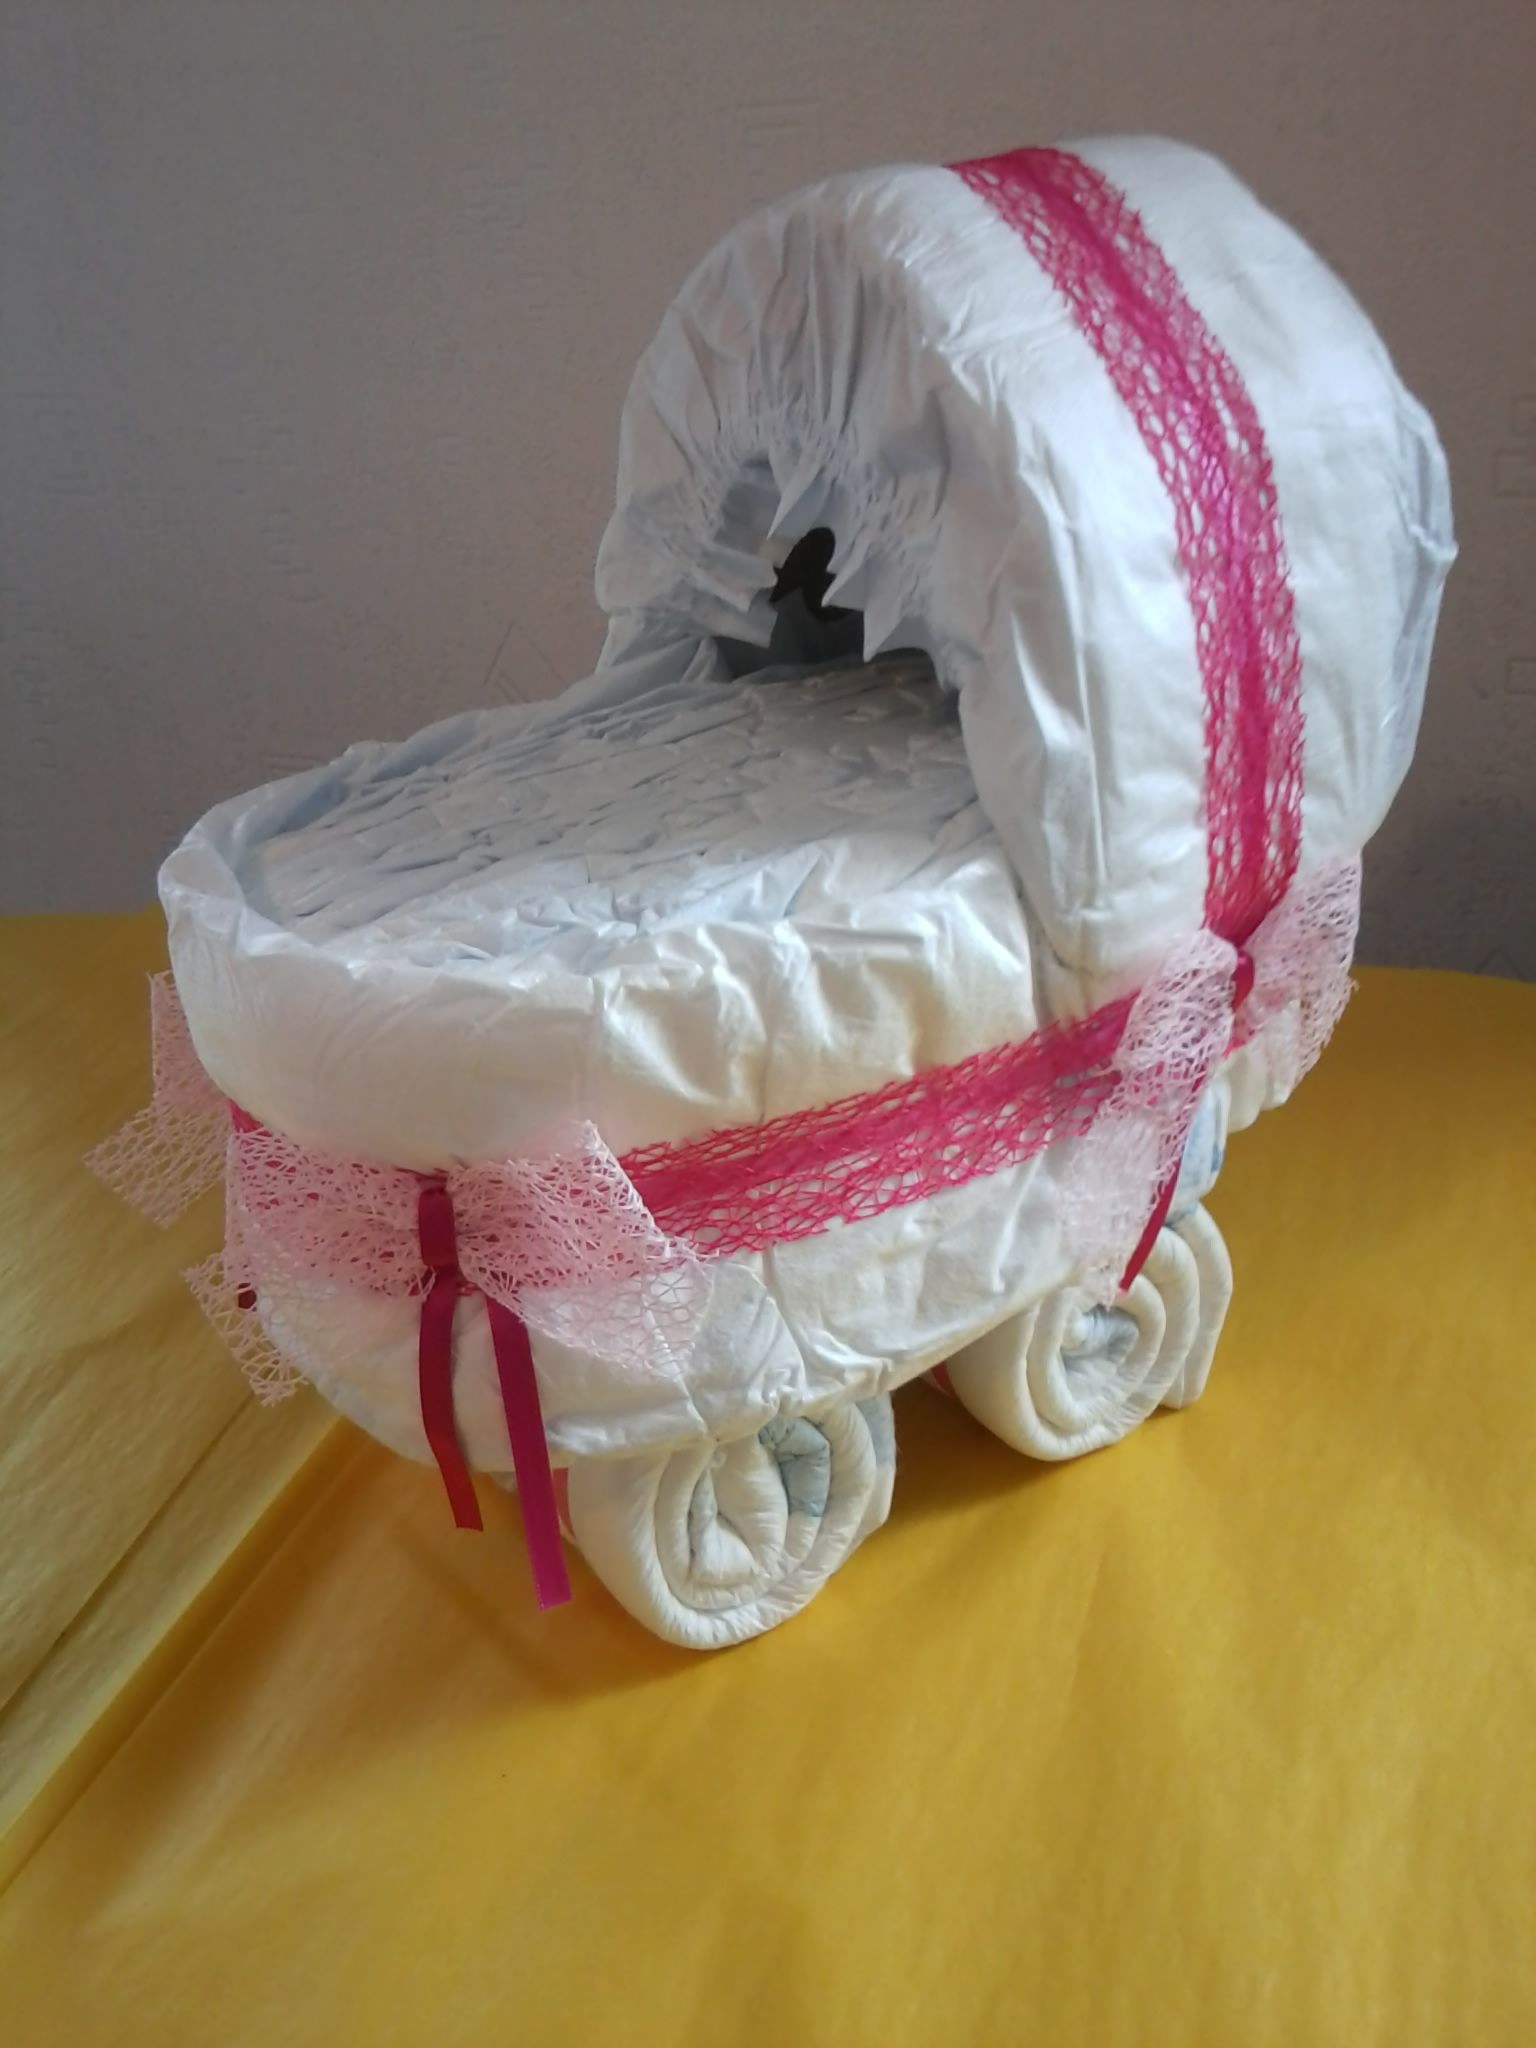 Landau en couches pour petite fille baby shower gateau de couches fille g teaux pour b b - Landau pour grande fille ...